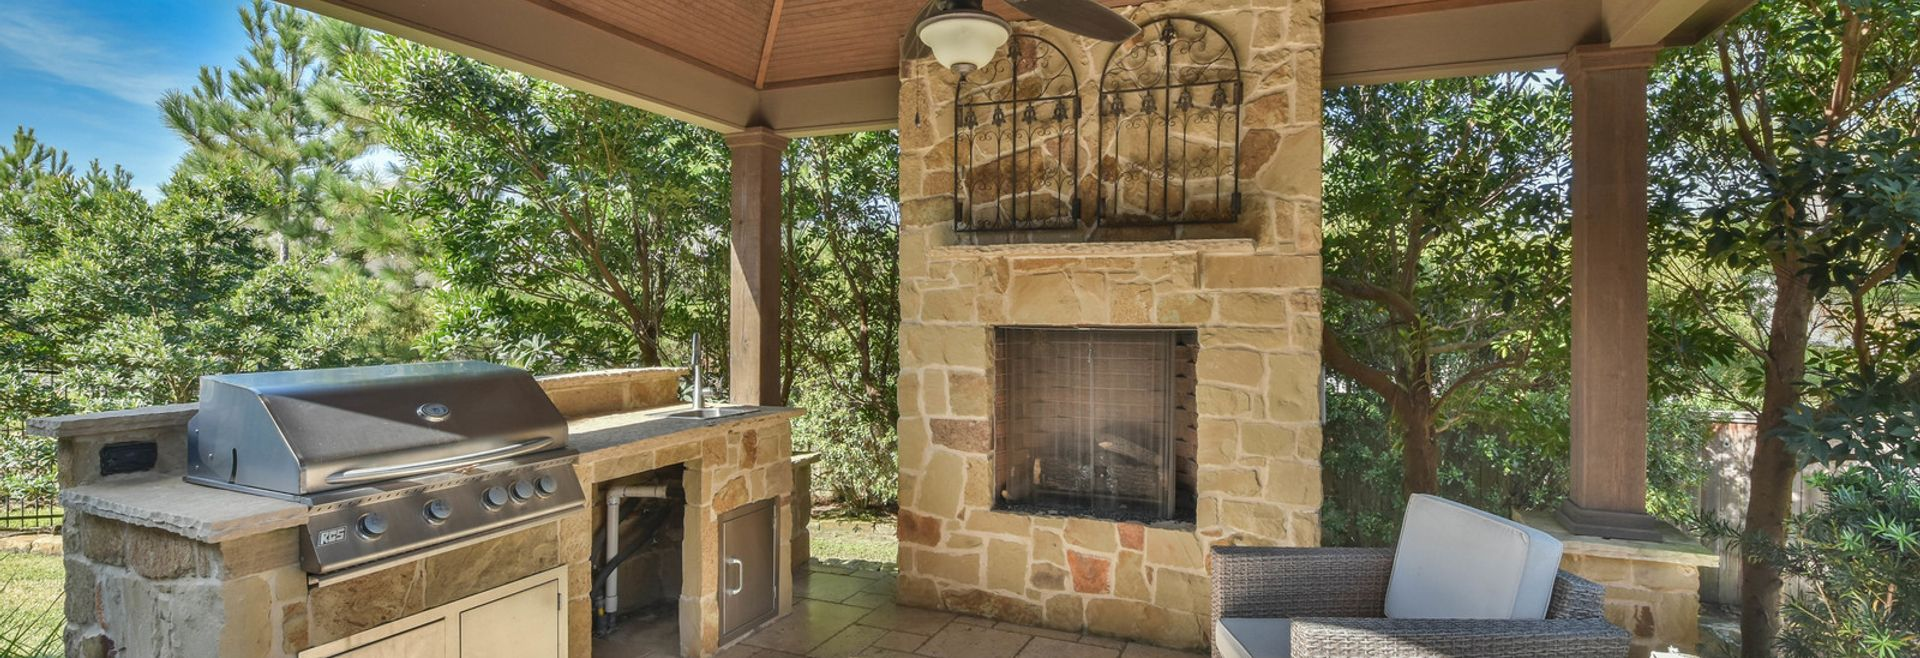 Plan 5023 Outdoor Living